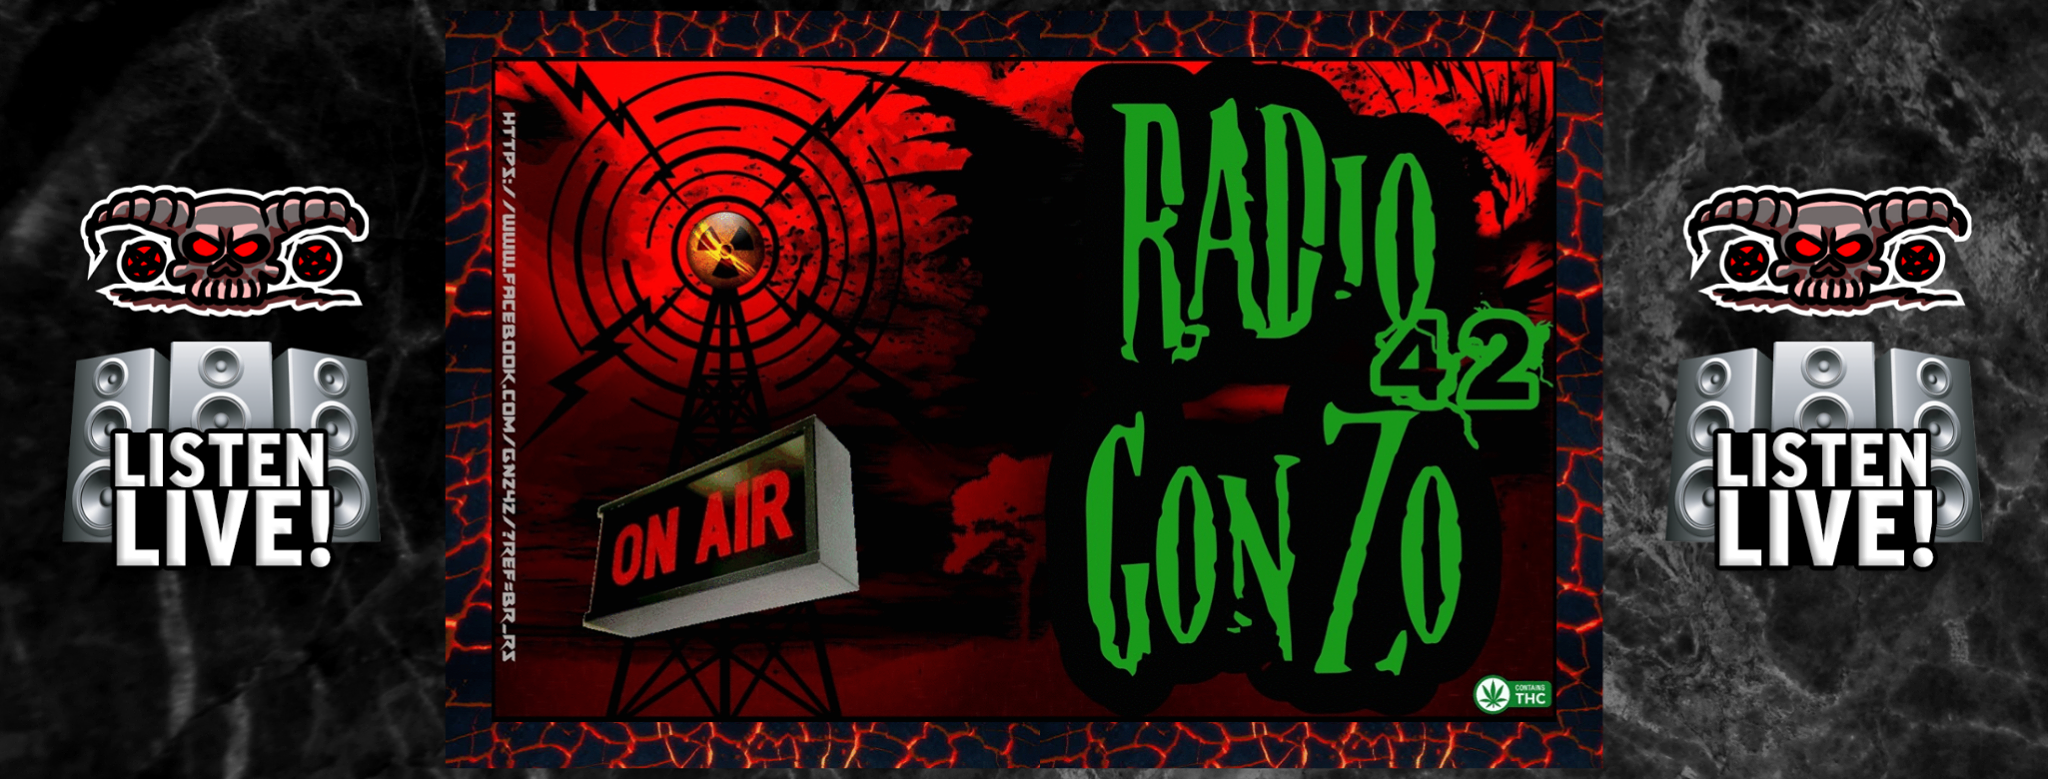 RadioGonzo2020